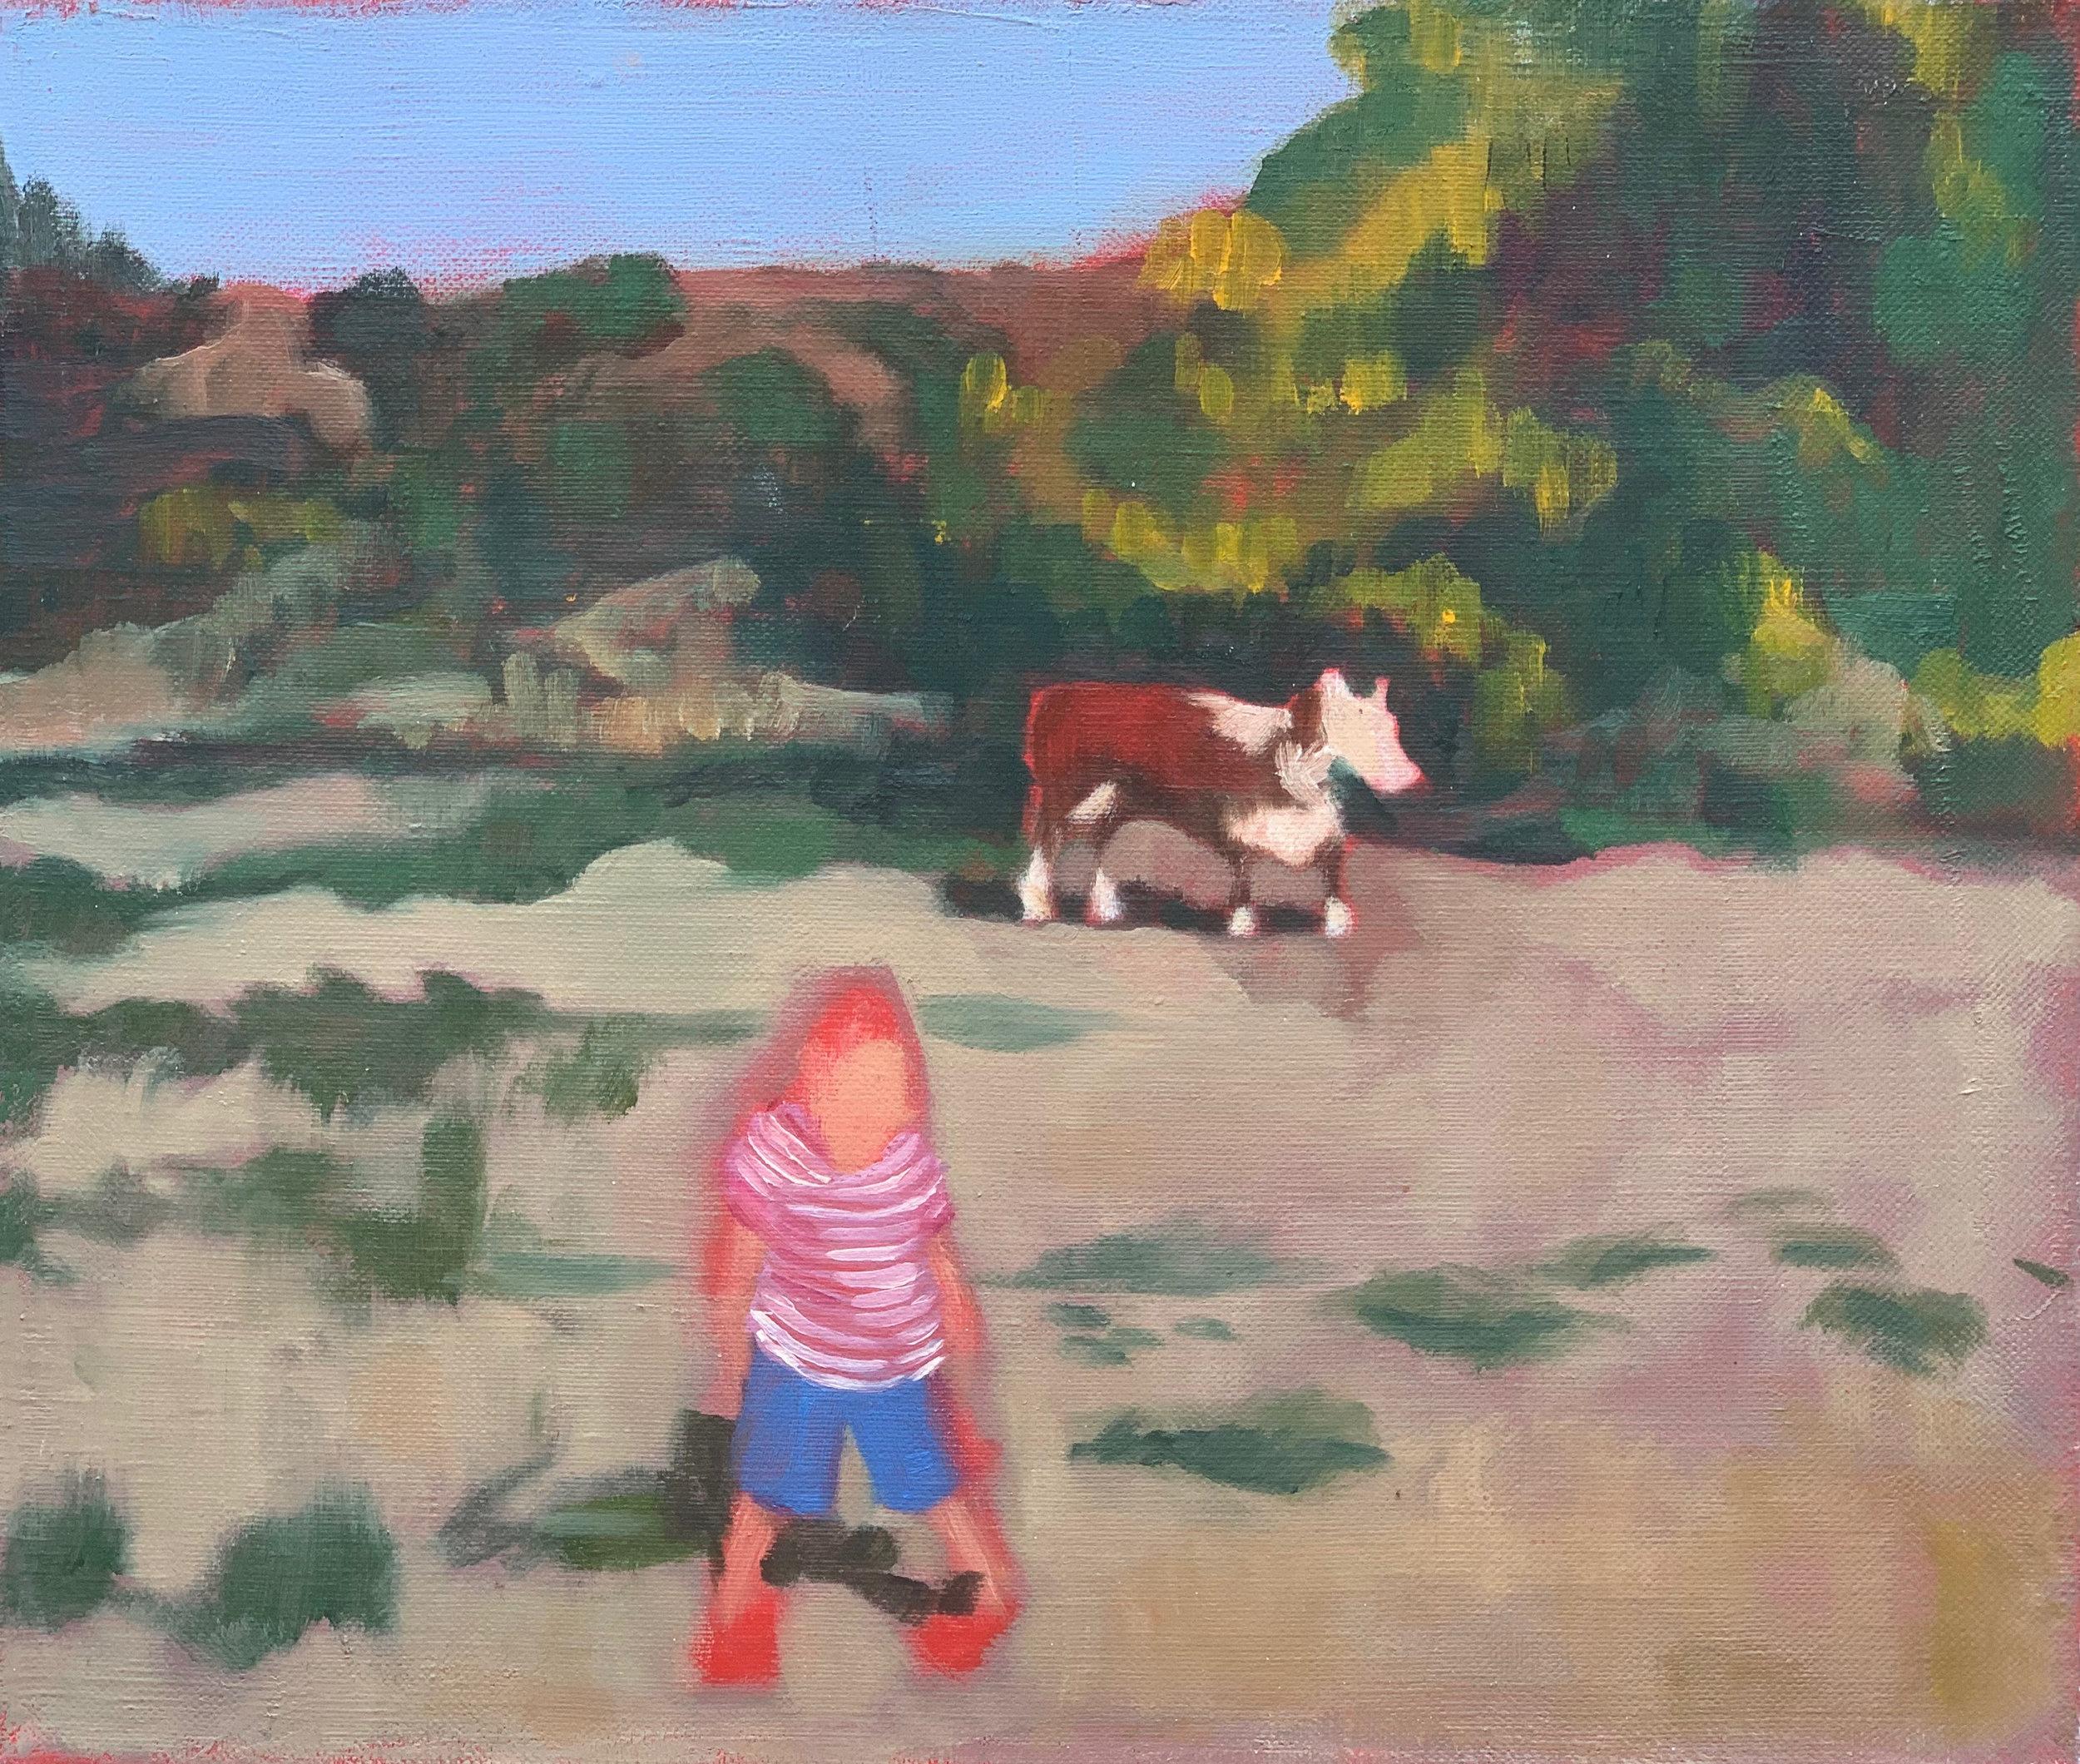 Cow Boy,  Oil on Linen, 12 x 14 in.